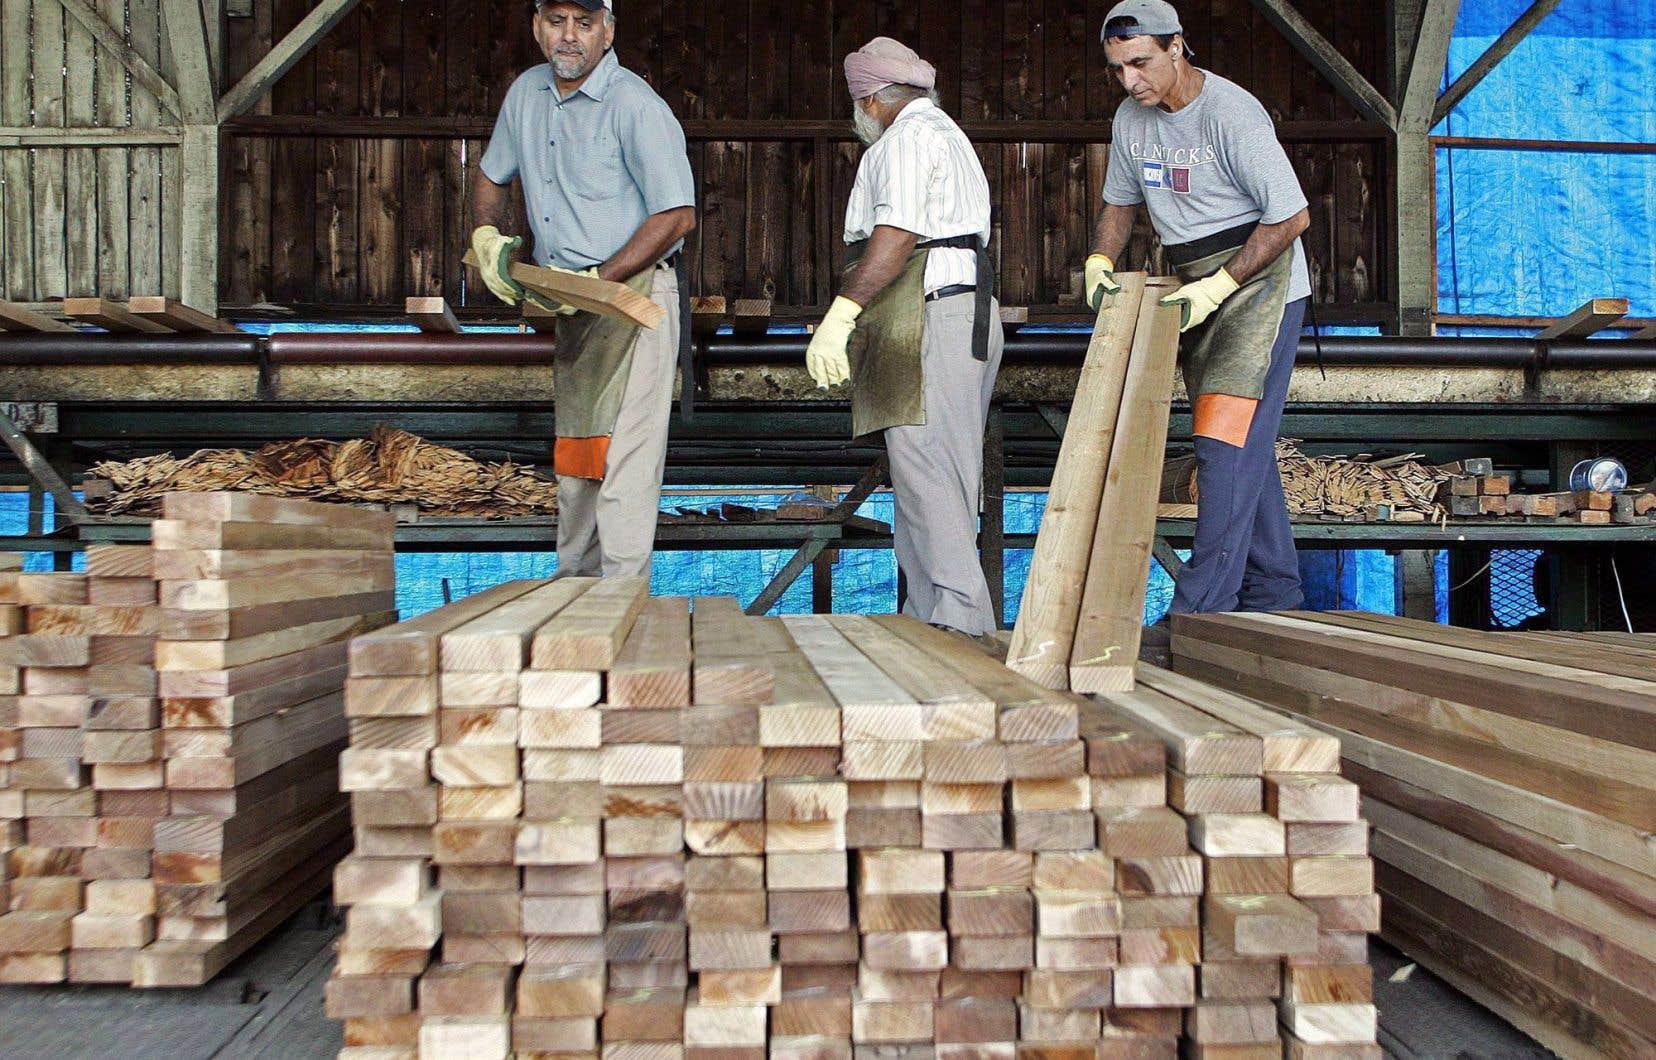 La décision de Washington de mener une enquête sur le bois d'oeuvre canadien découle de requêtes déposées en novembre dernier par la Coalition américaine du bois d'oeuvre.